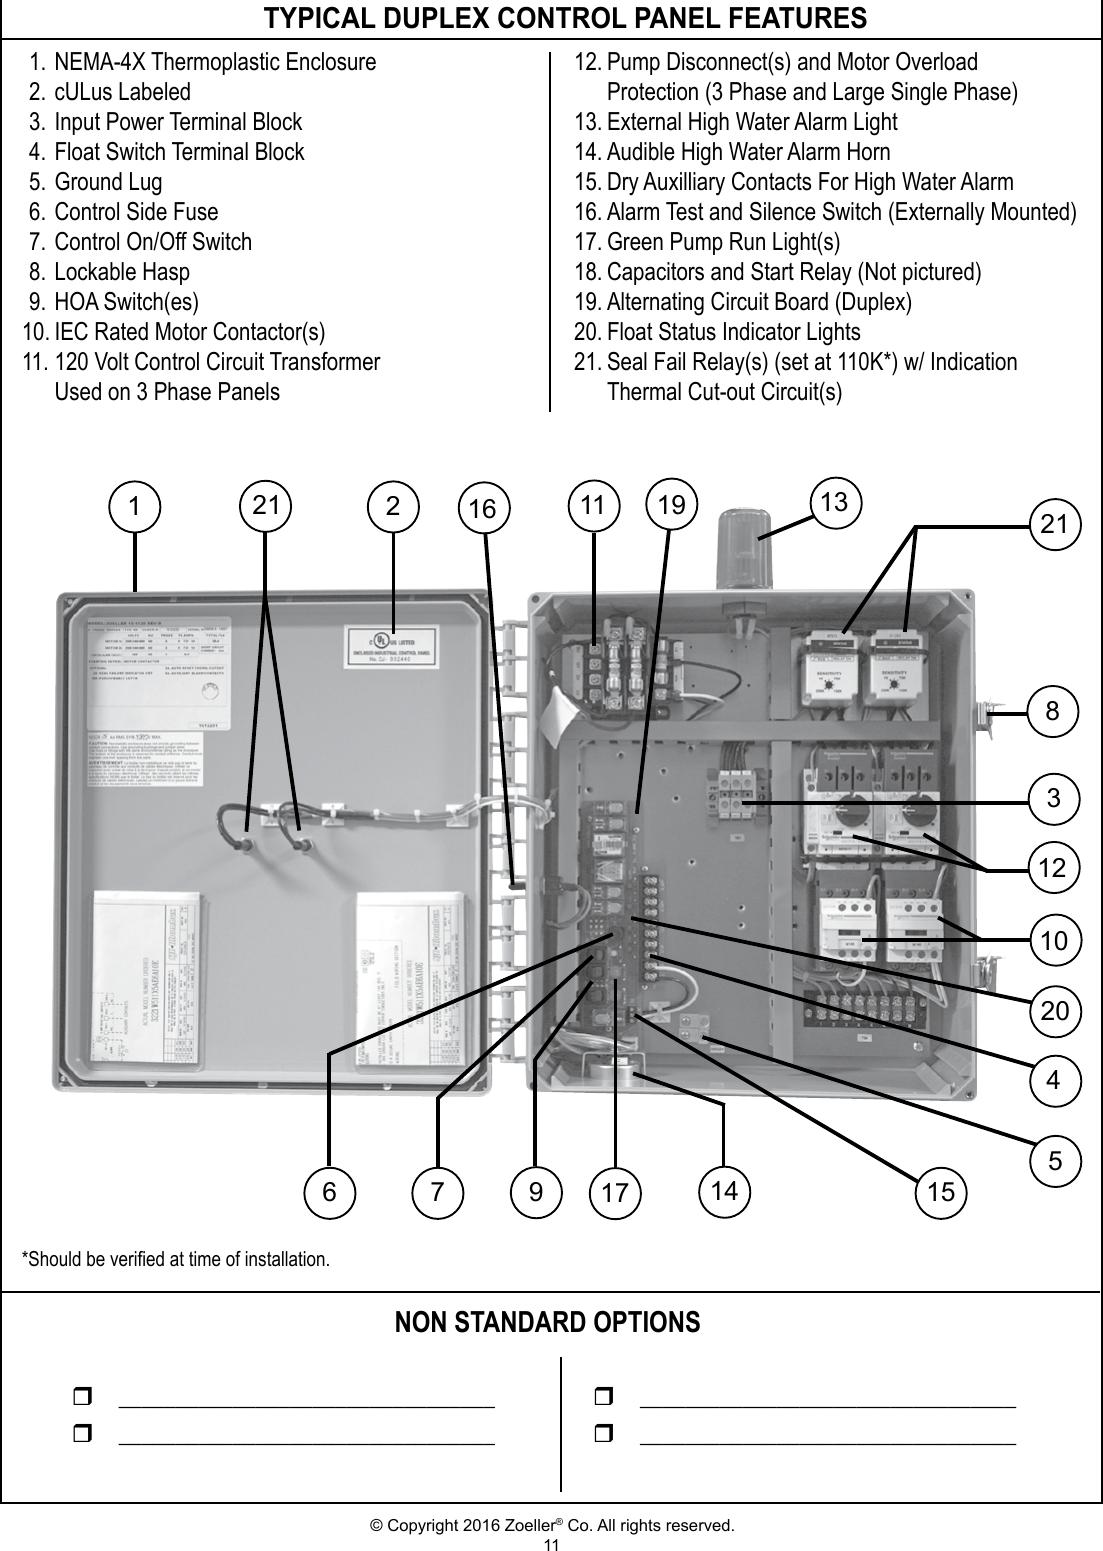 duplex pump control panel wiring diagram gm si alternator zoeller best site